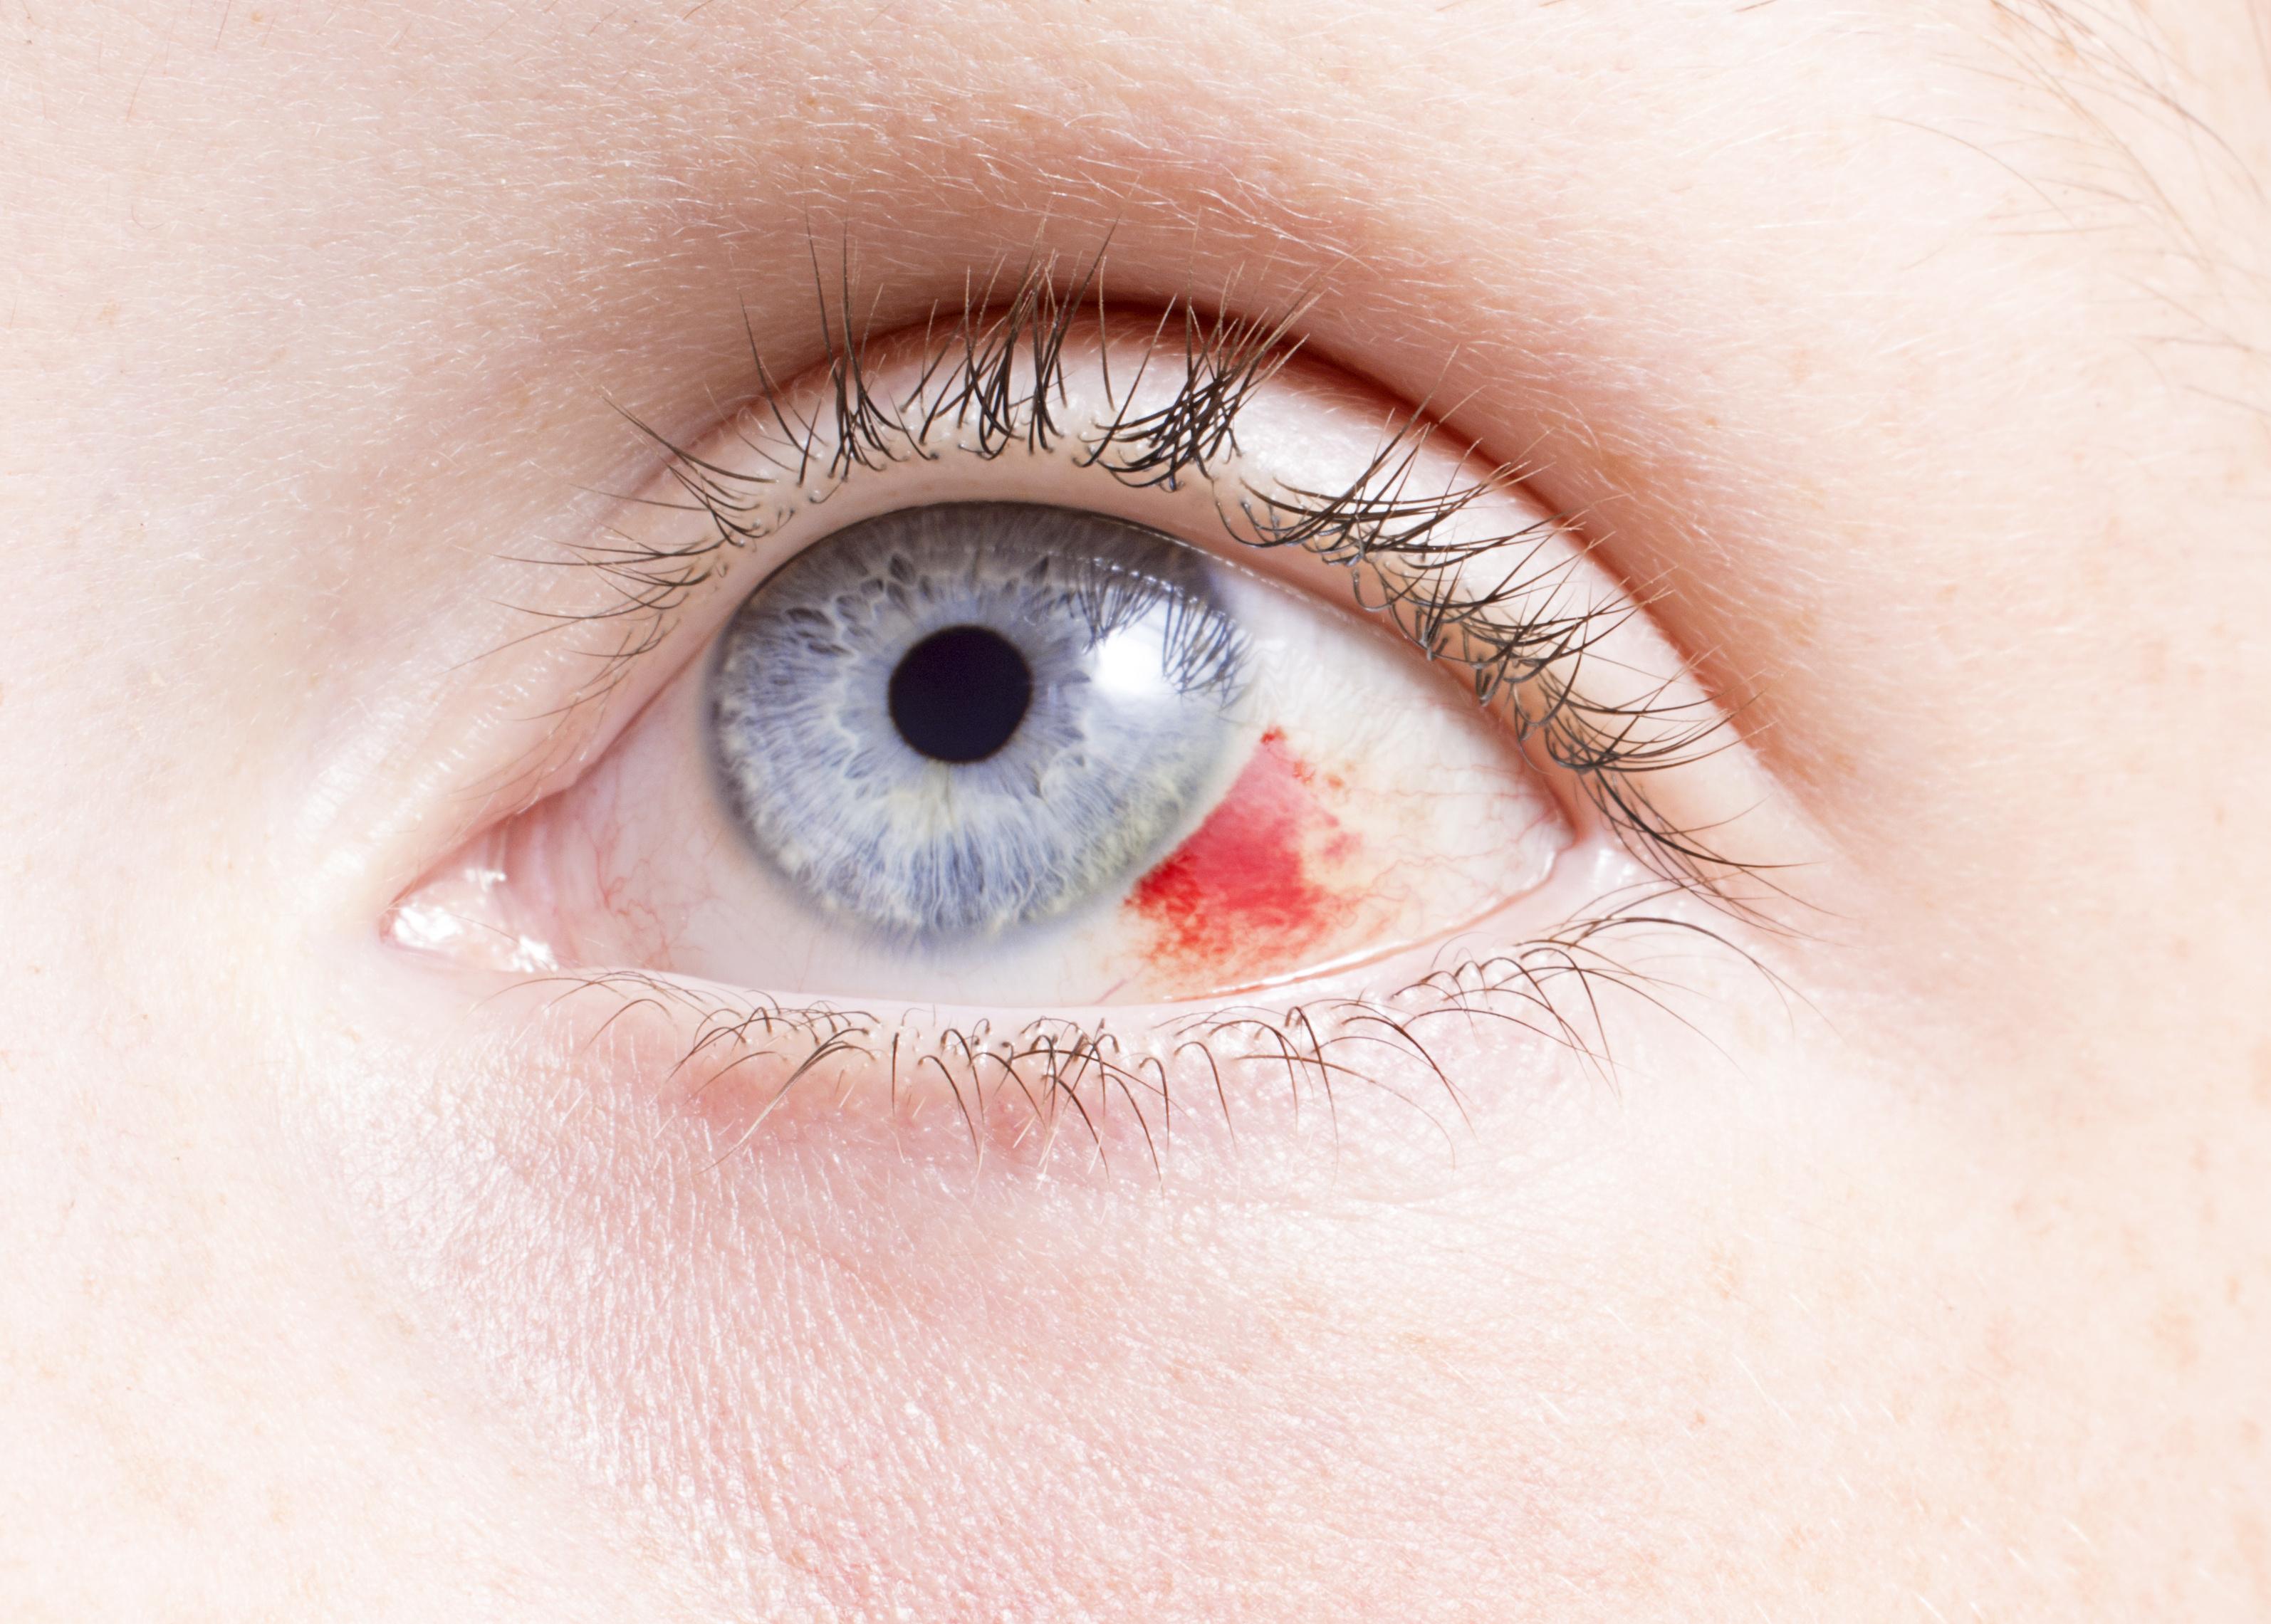 különféle szembetegségek